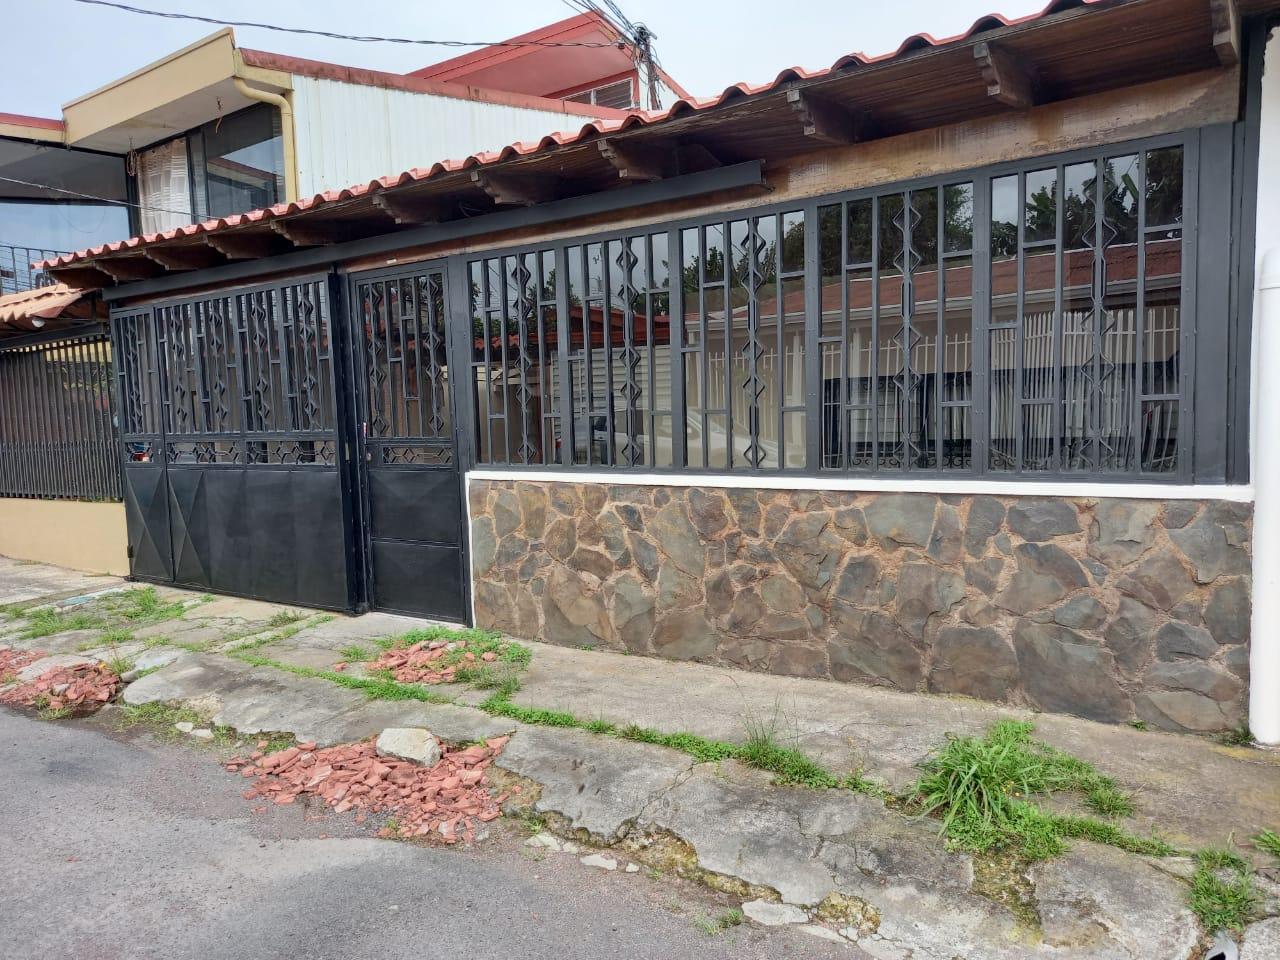 CORONADO RENTO CASA ₡300.000